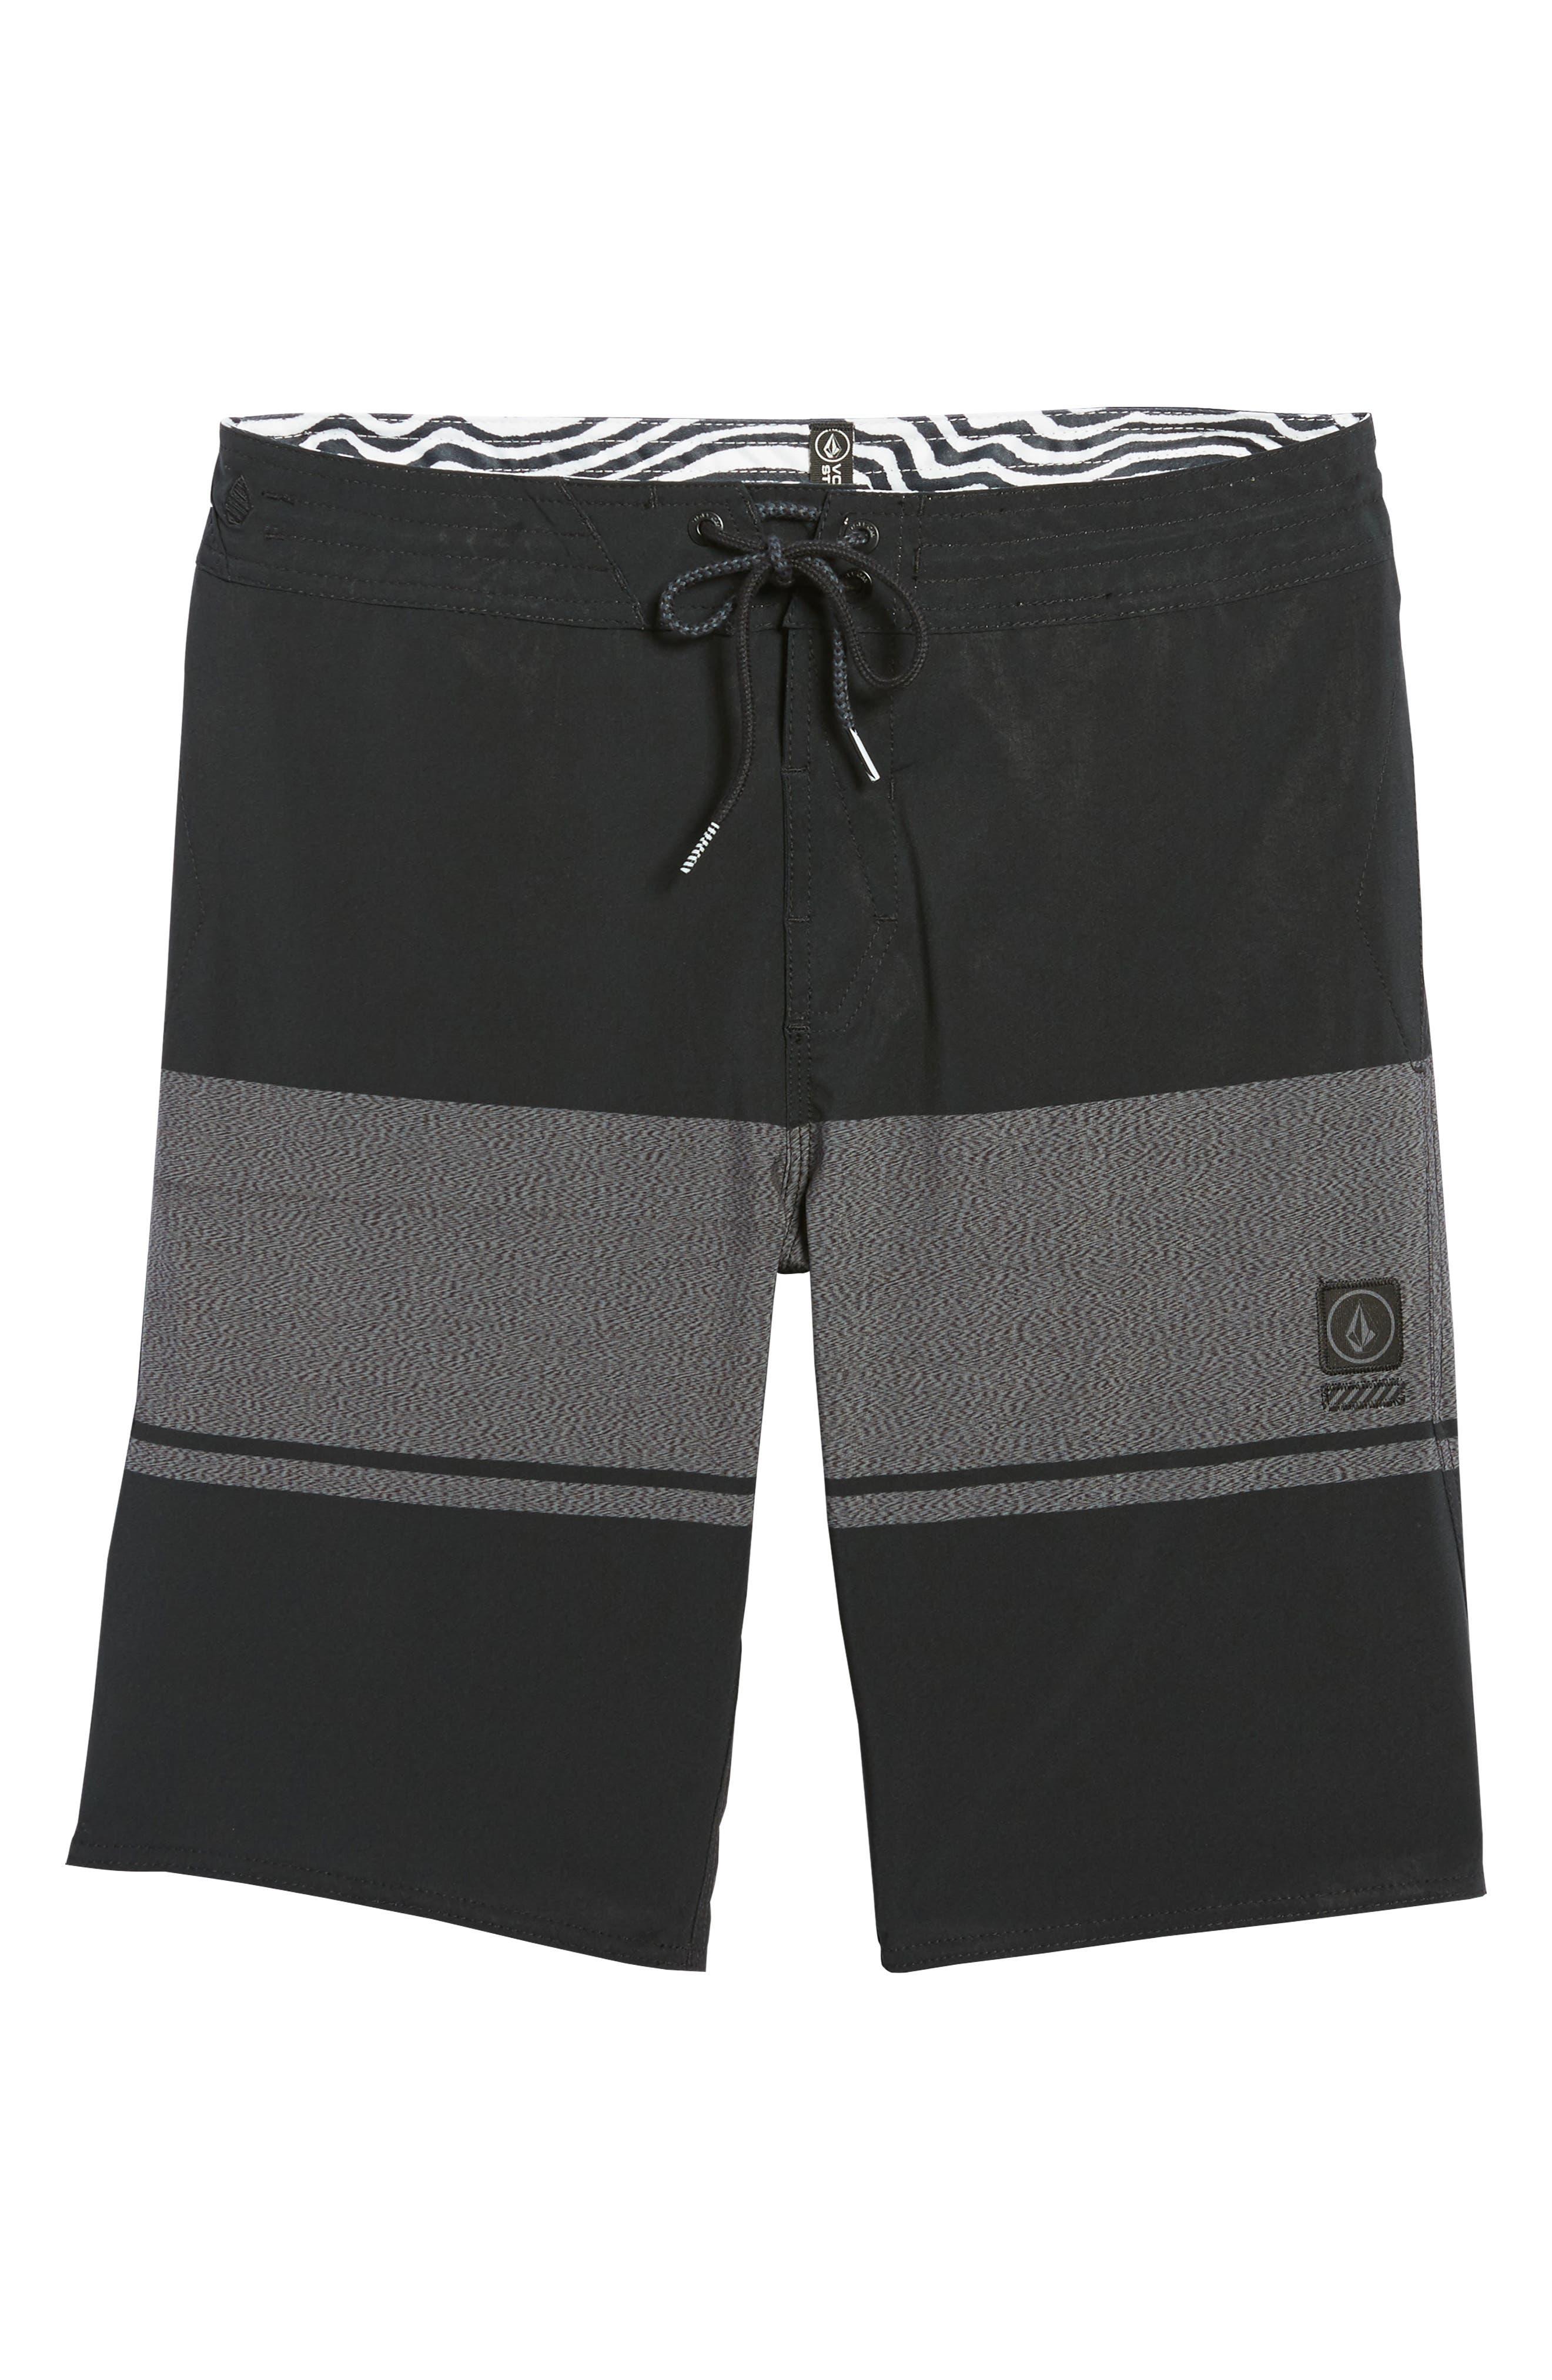 Quarter Static Stoney Board Shorts,                             Alternate thumbnail 6, color,                             BLACK